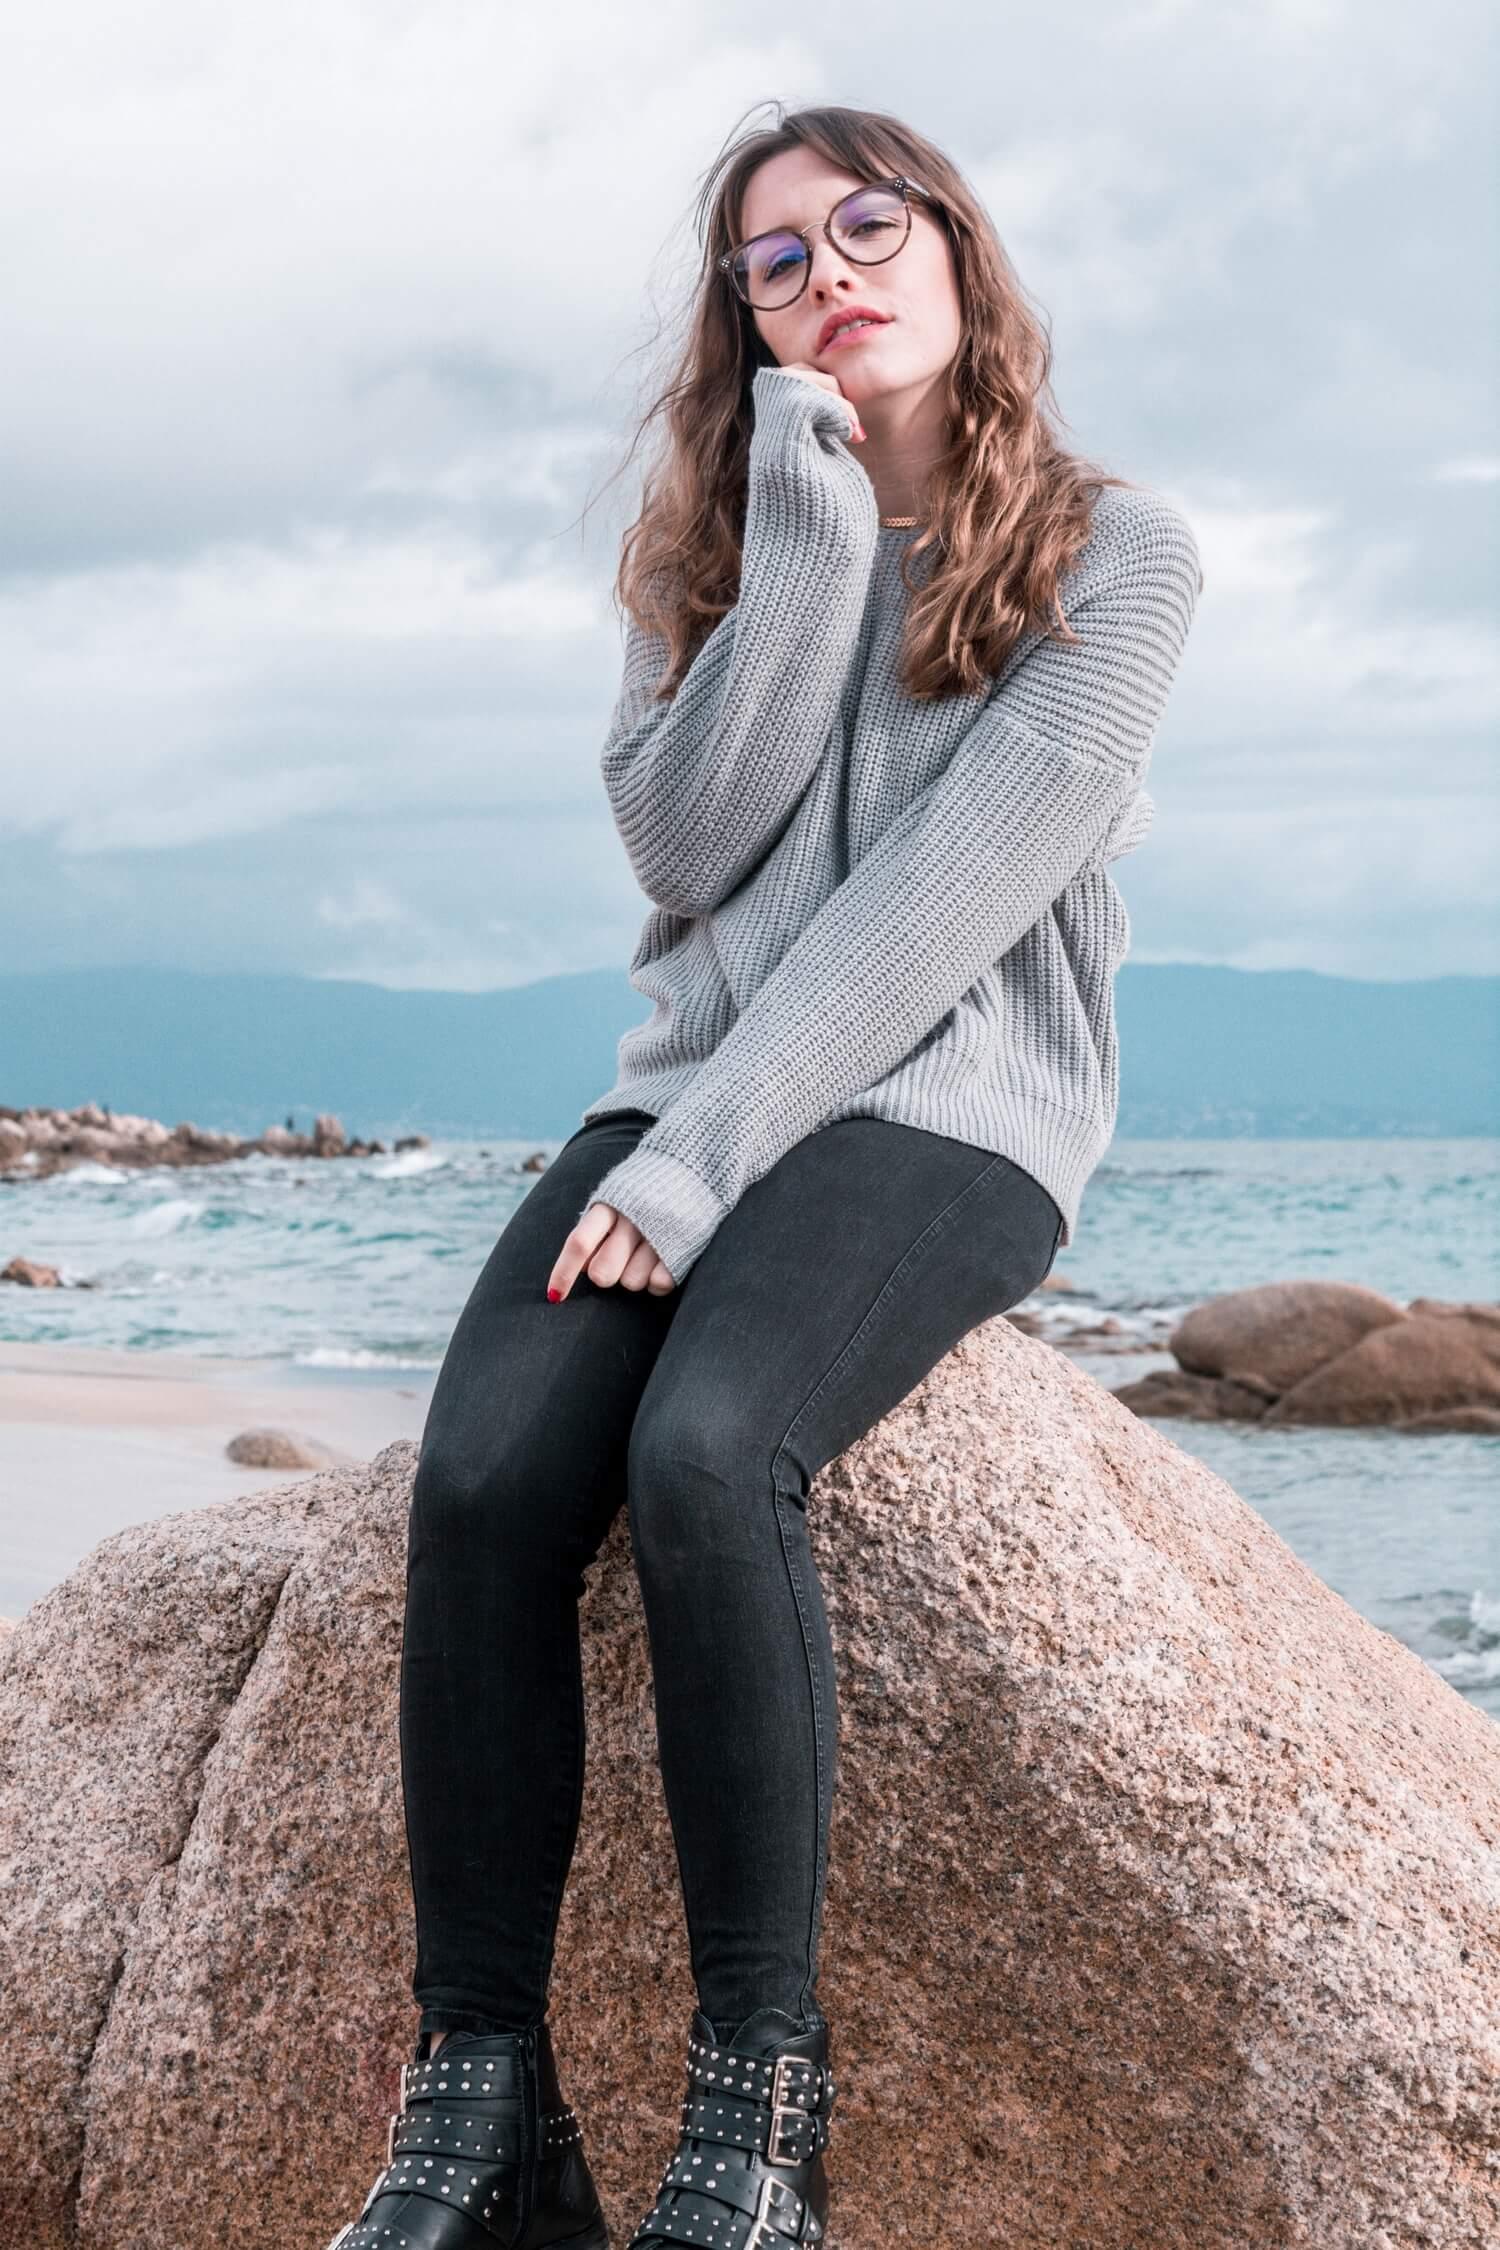 Le pull croisé, une des tendances mode de cet hiver. Voici comment je le porte... | happinesscoco.com